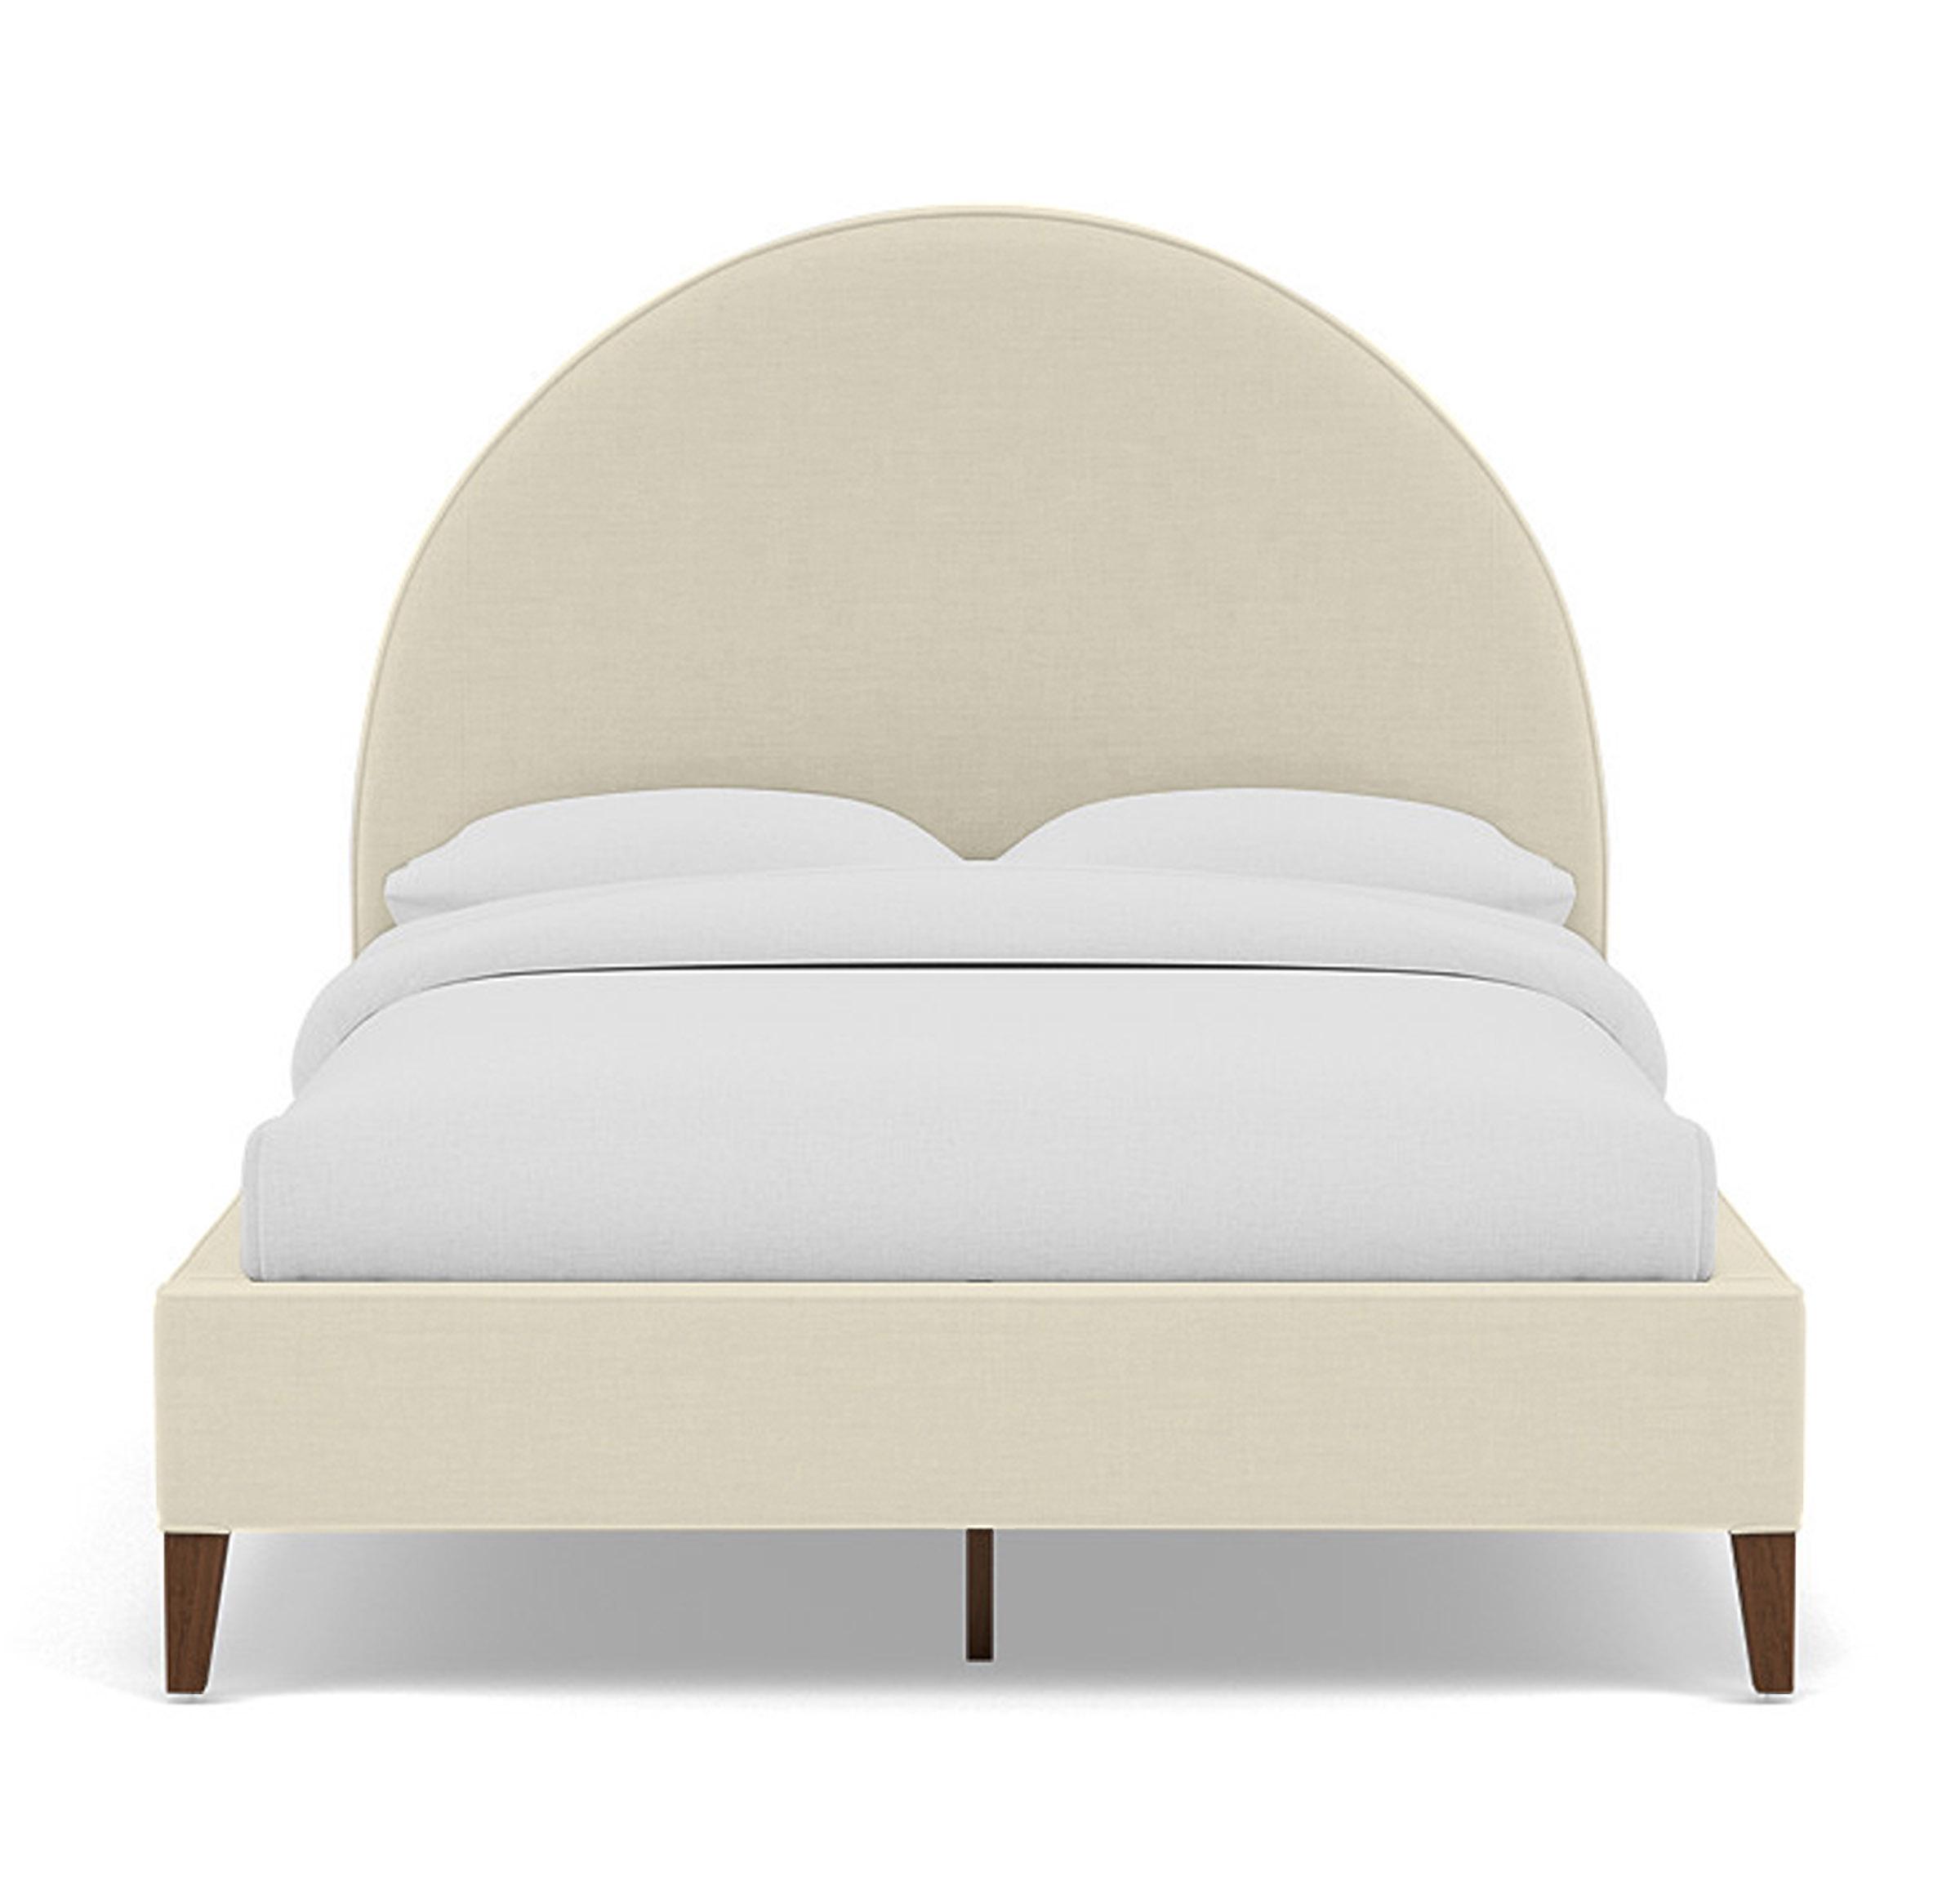 ARCHER BED, BELGIAN LINEN - NATURAL, hi-res